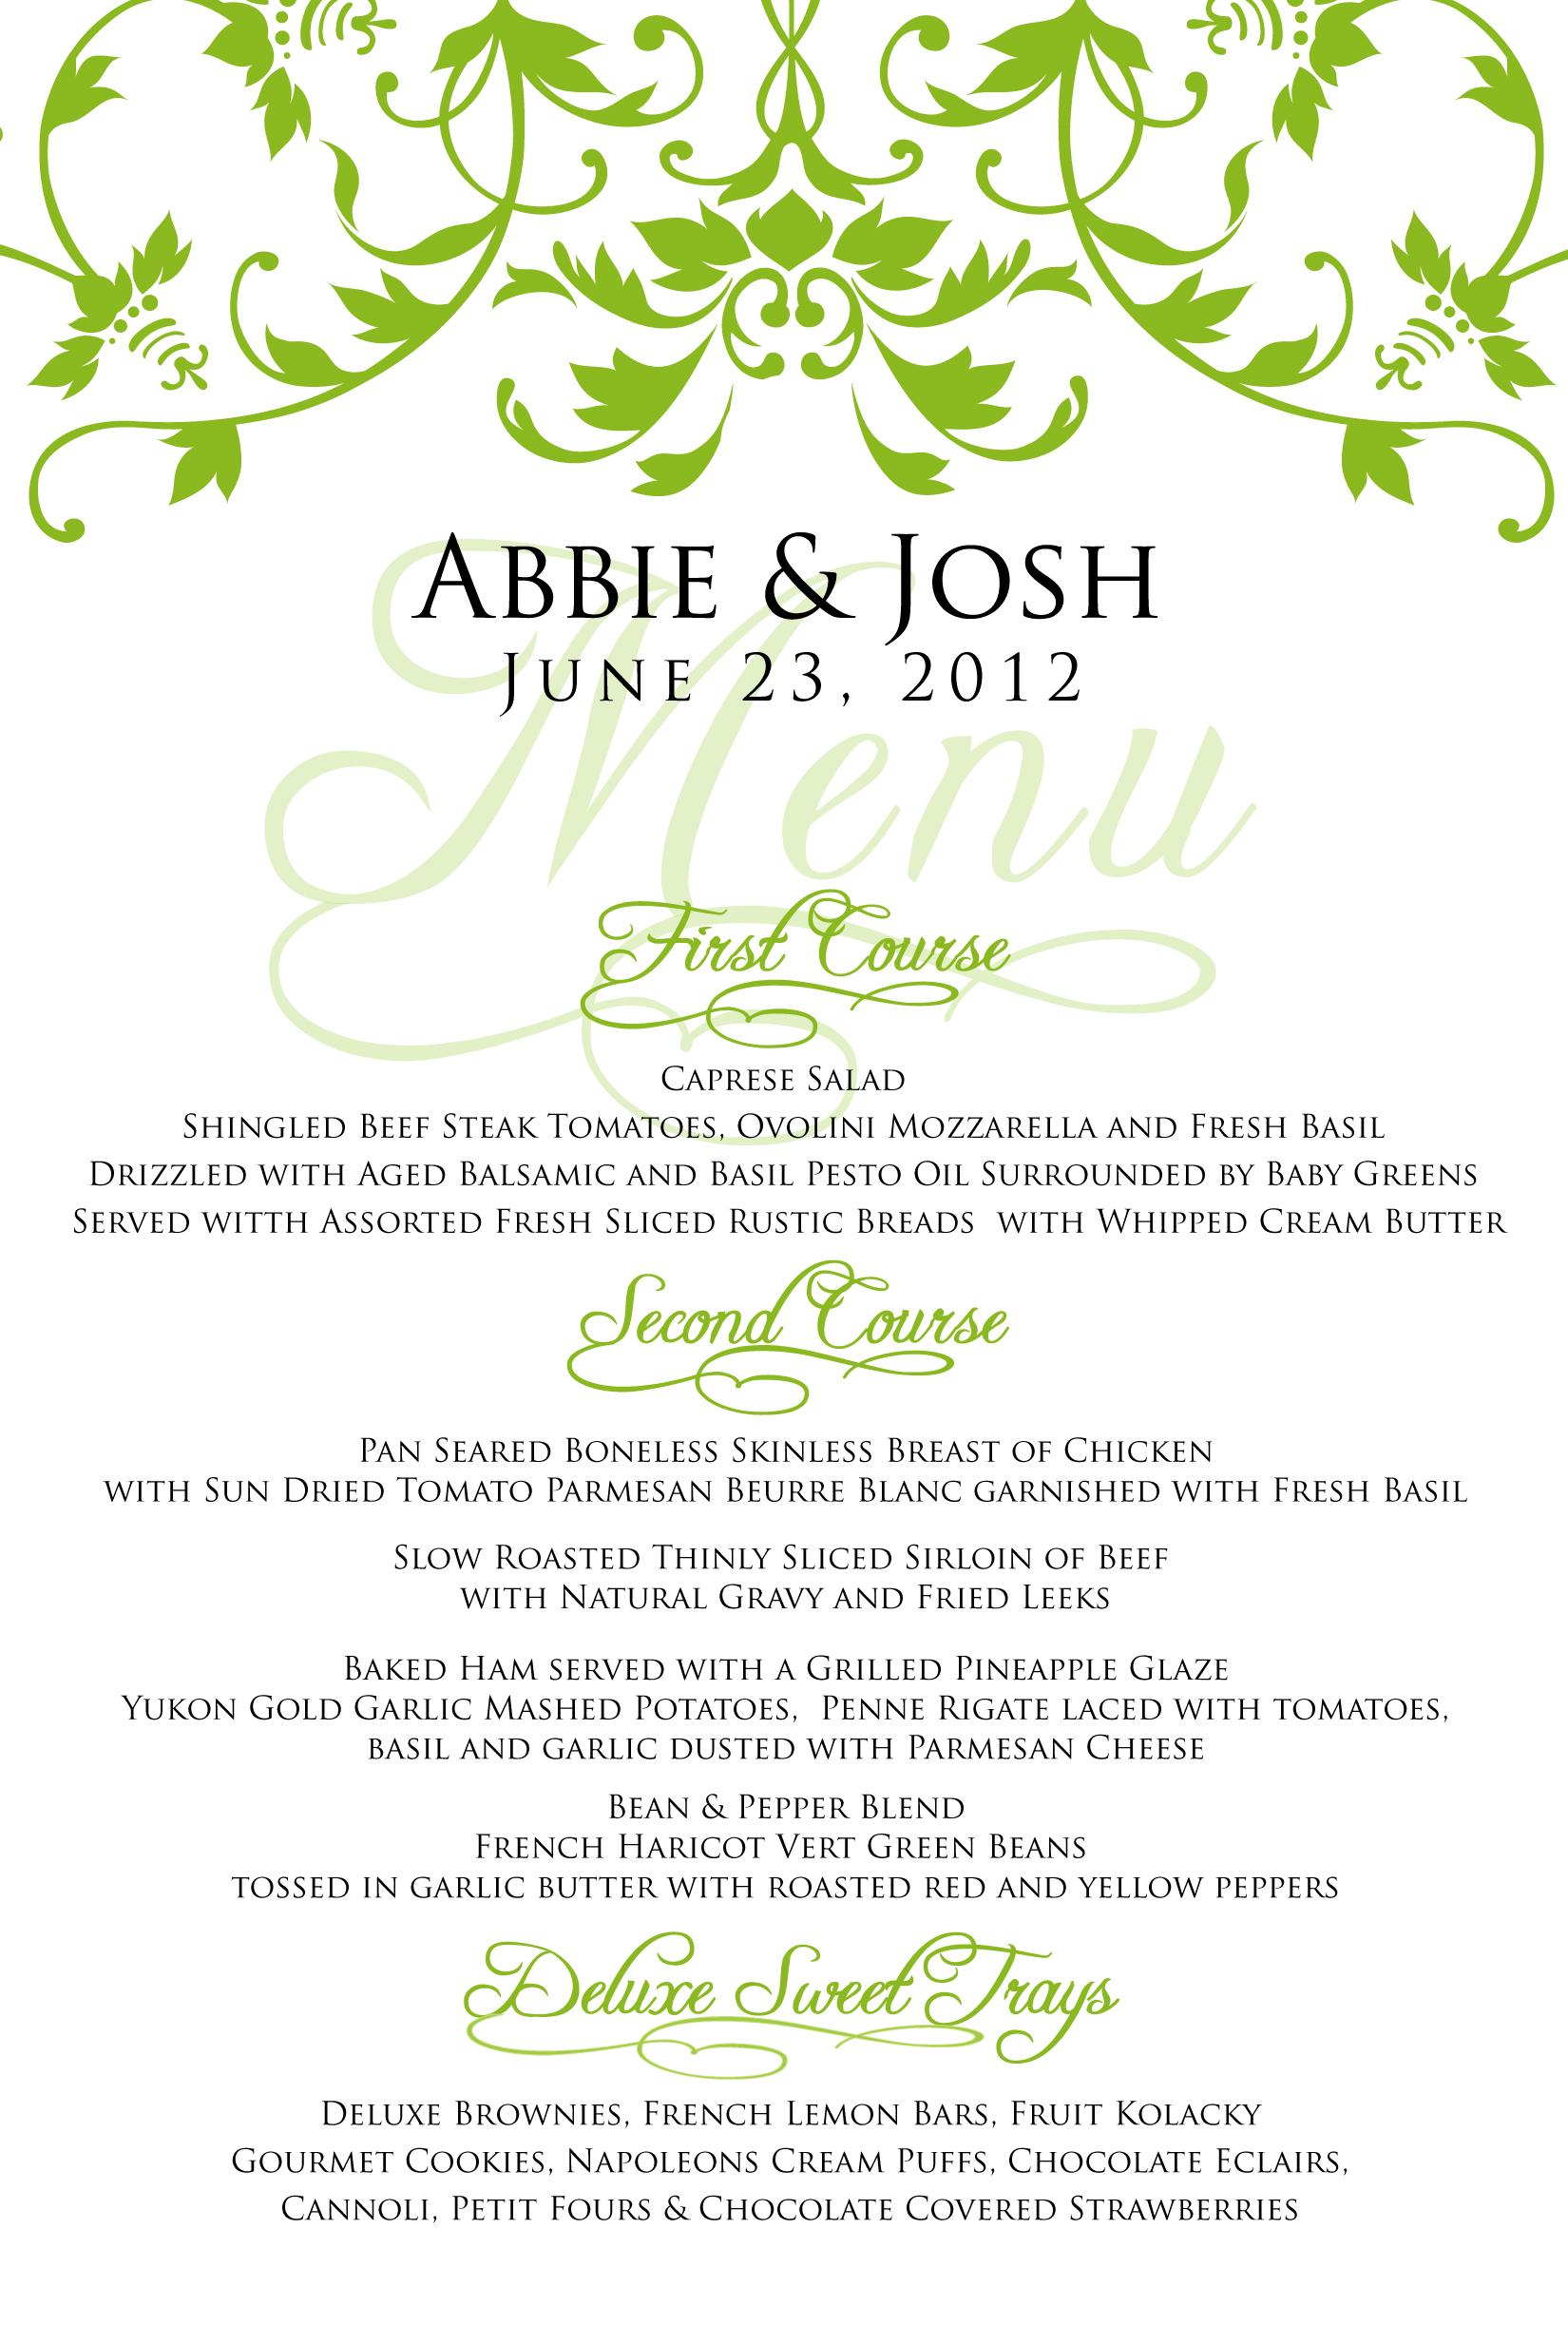 Wedding Menu For Abbie